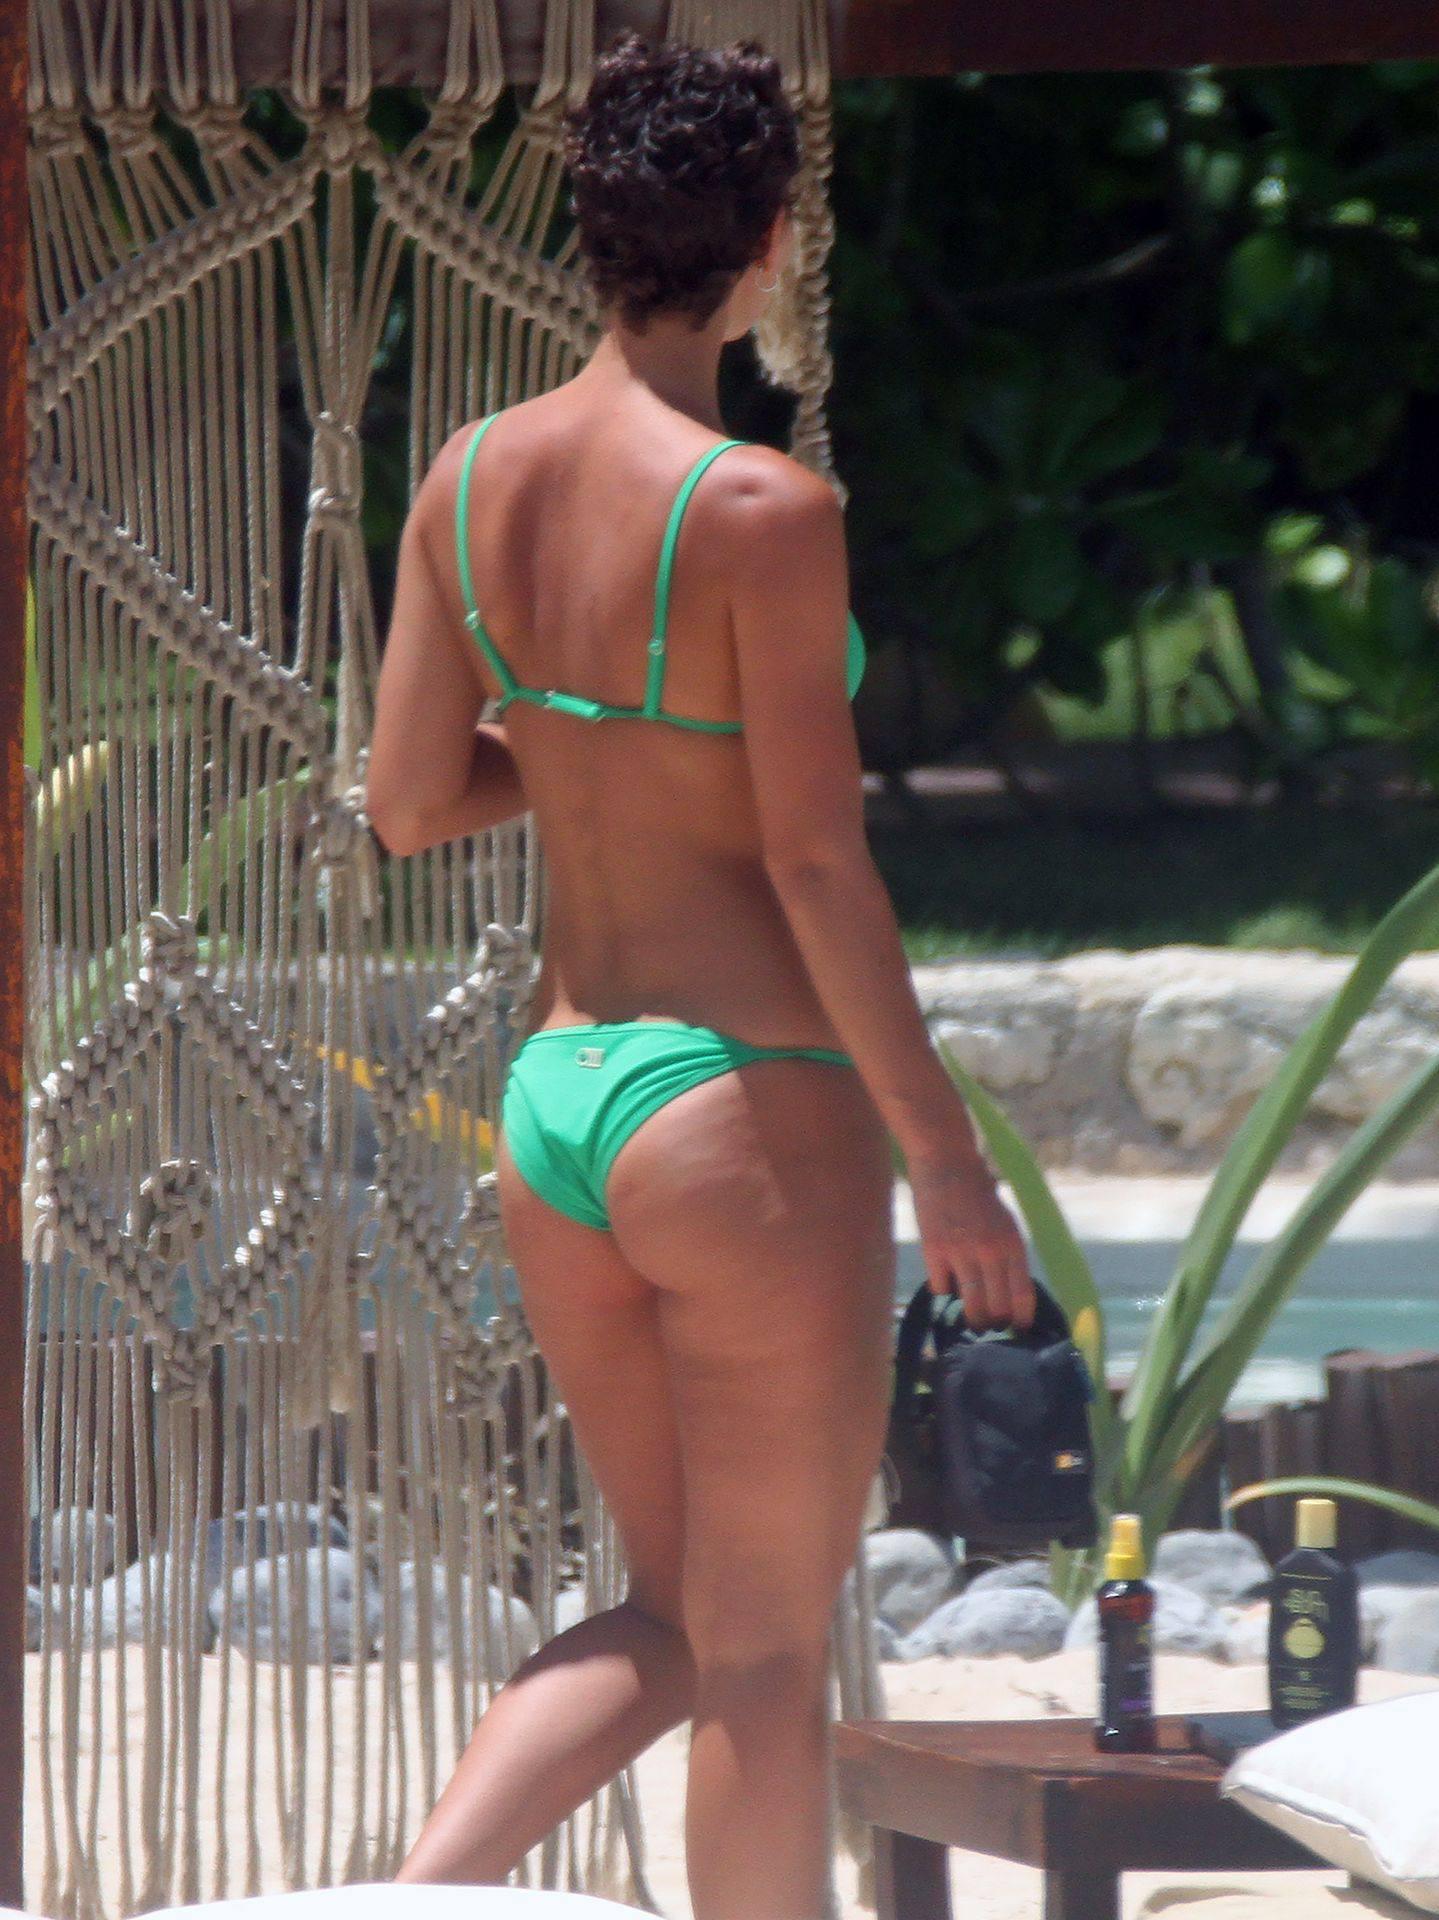 Rachel Cook – Sexy Ass And Boobs In Small Bikini In Tulum 0017